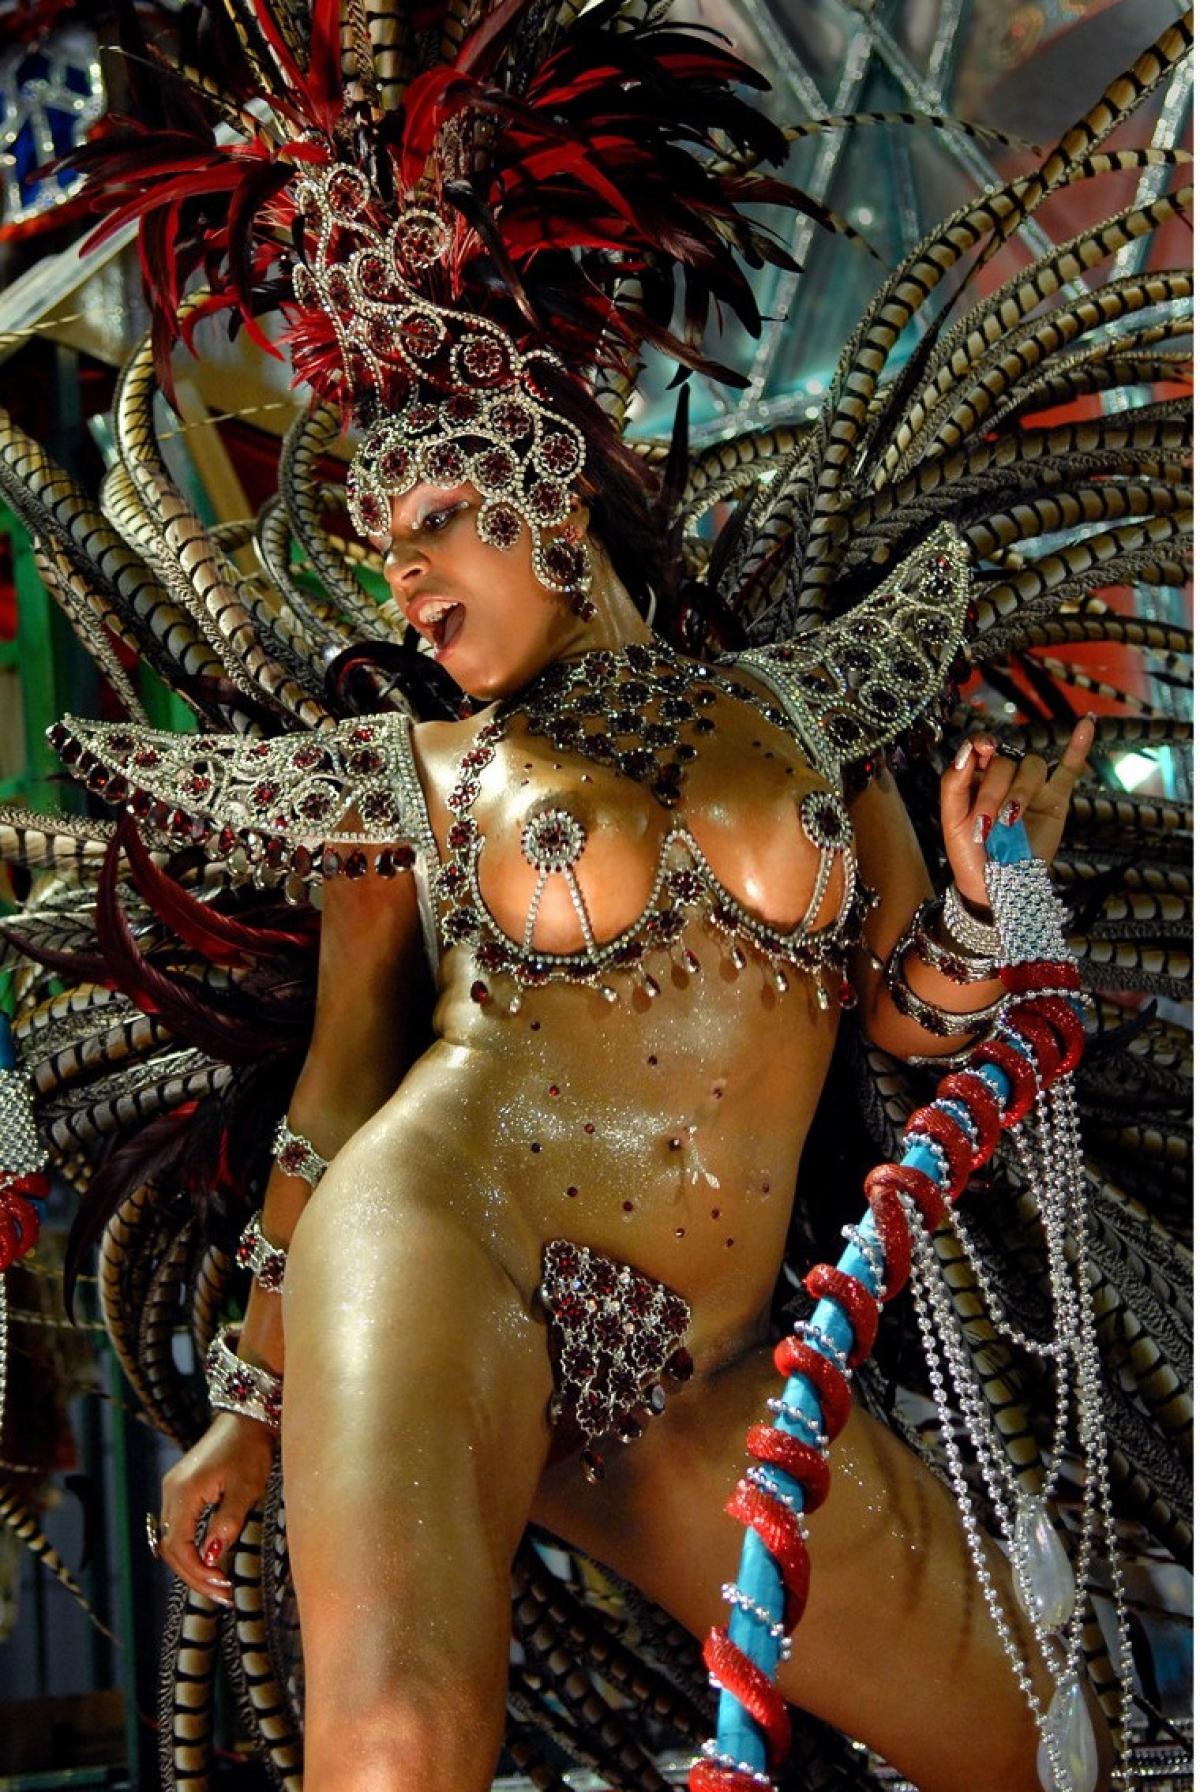 смотреть порно видео карнавал в бразилии